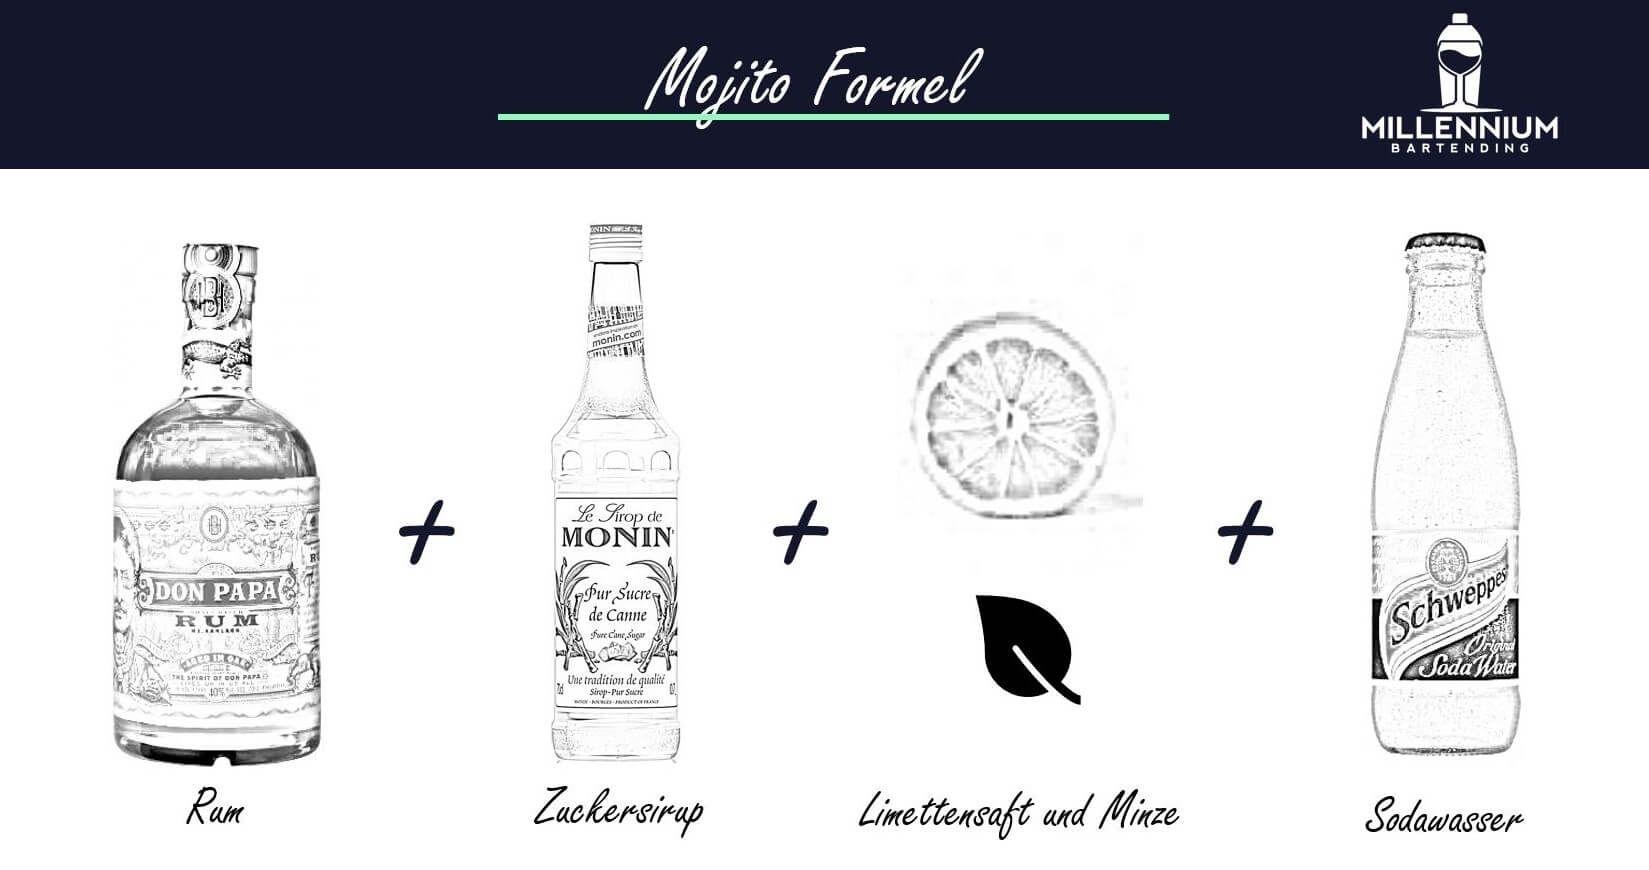 Mojito Rezept Einfach Erklart Millennium Bartending Rezept Rum Cocktail Rezepte Mojito Rezept Mojito